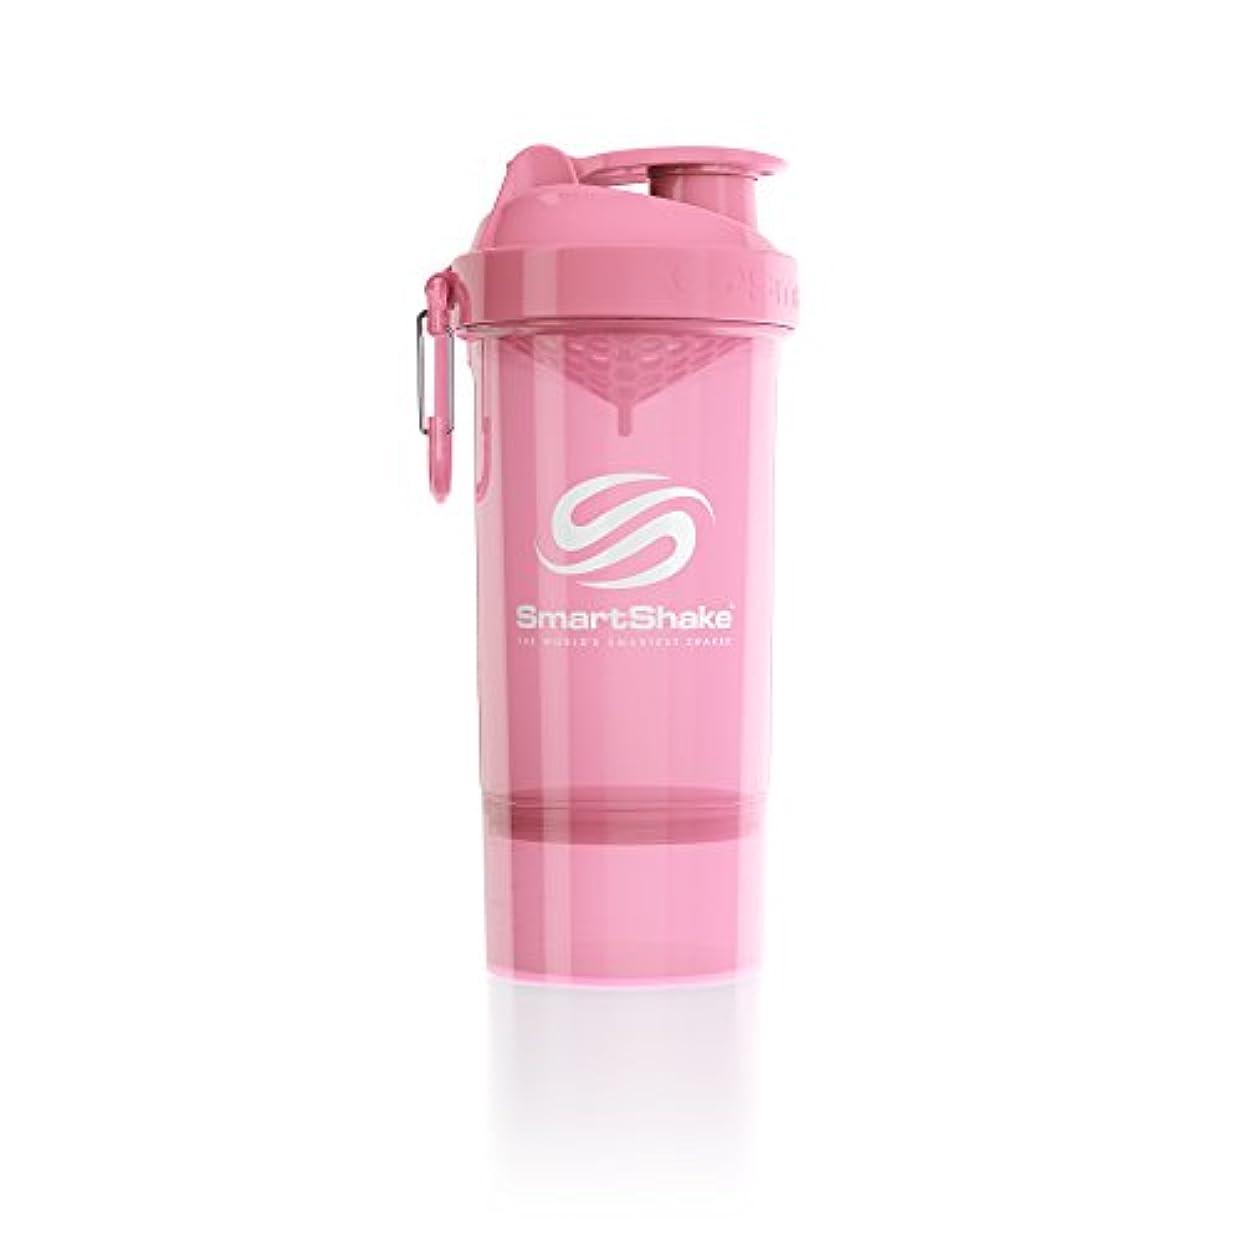 シチリア腫瘍ゆりかごSmartShake(スマートシェイク) SmartShake ORIGINAL2GO ONE 800ml Light Pink 多機能プロテインシェイカー ライトピンク 800ml大容量 コンテナ1段タイプ